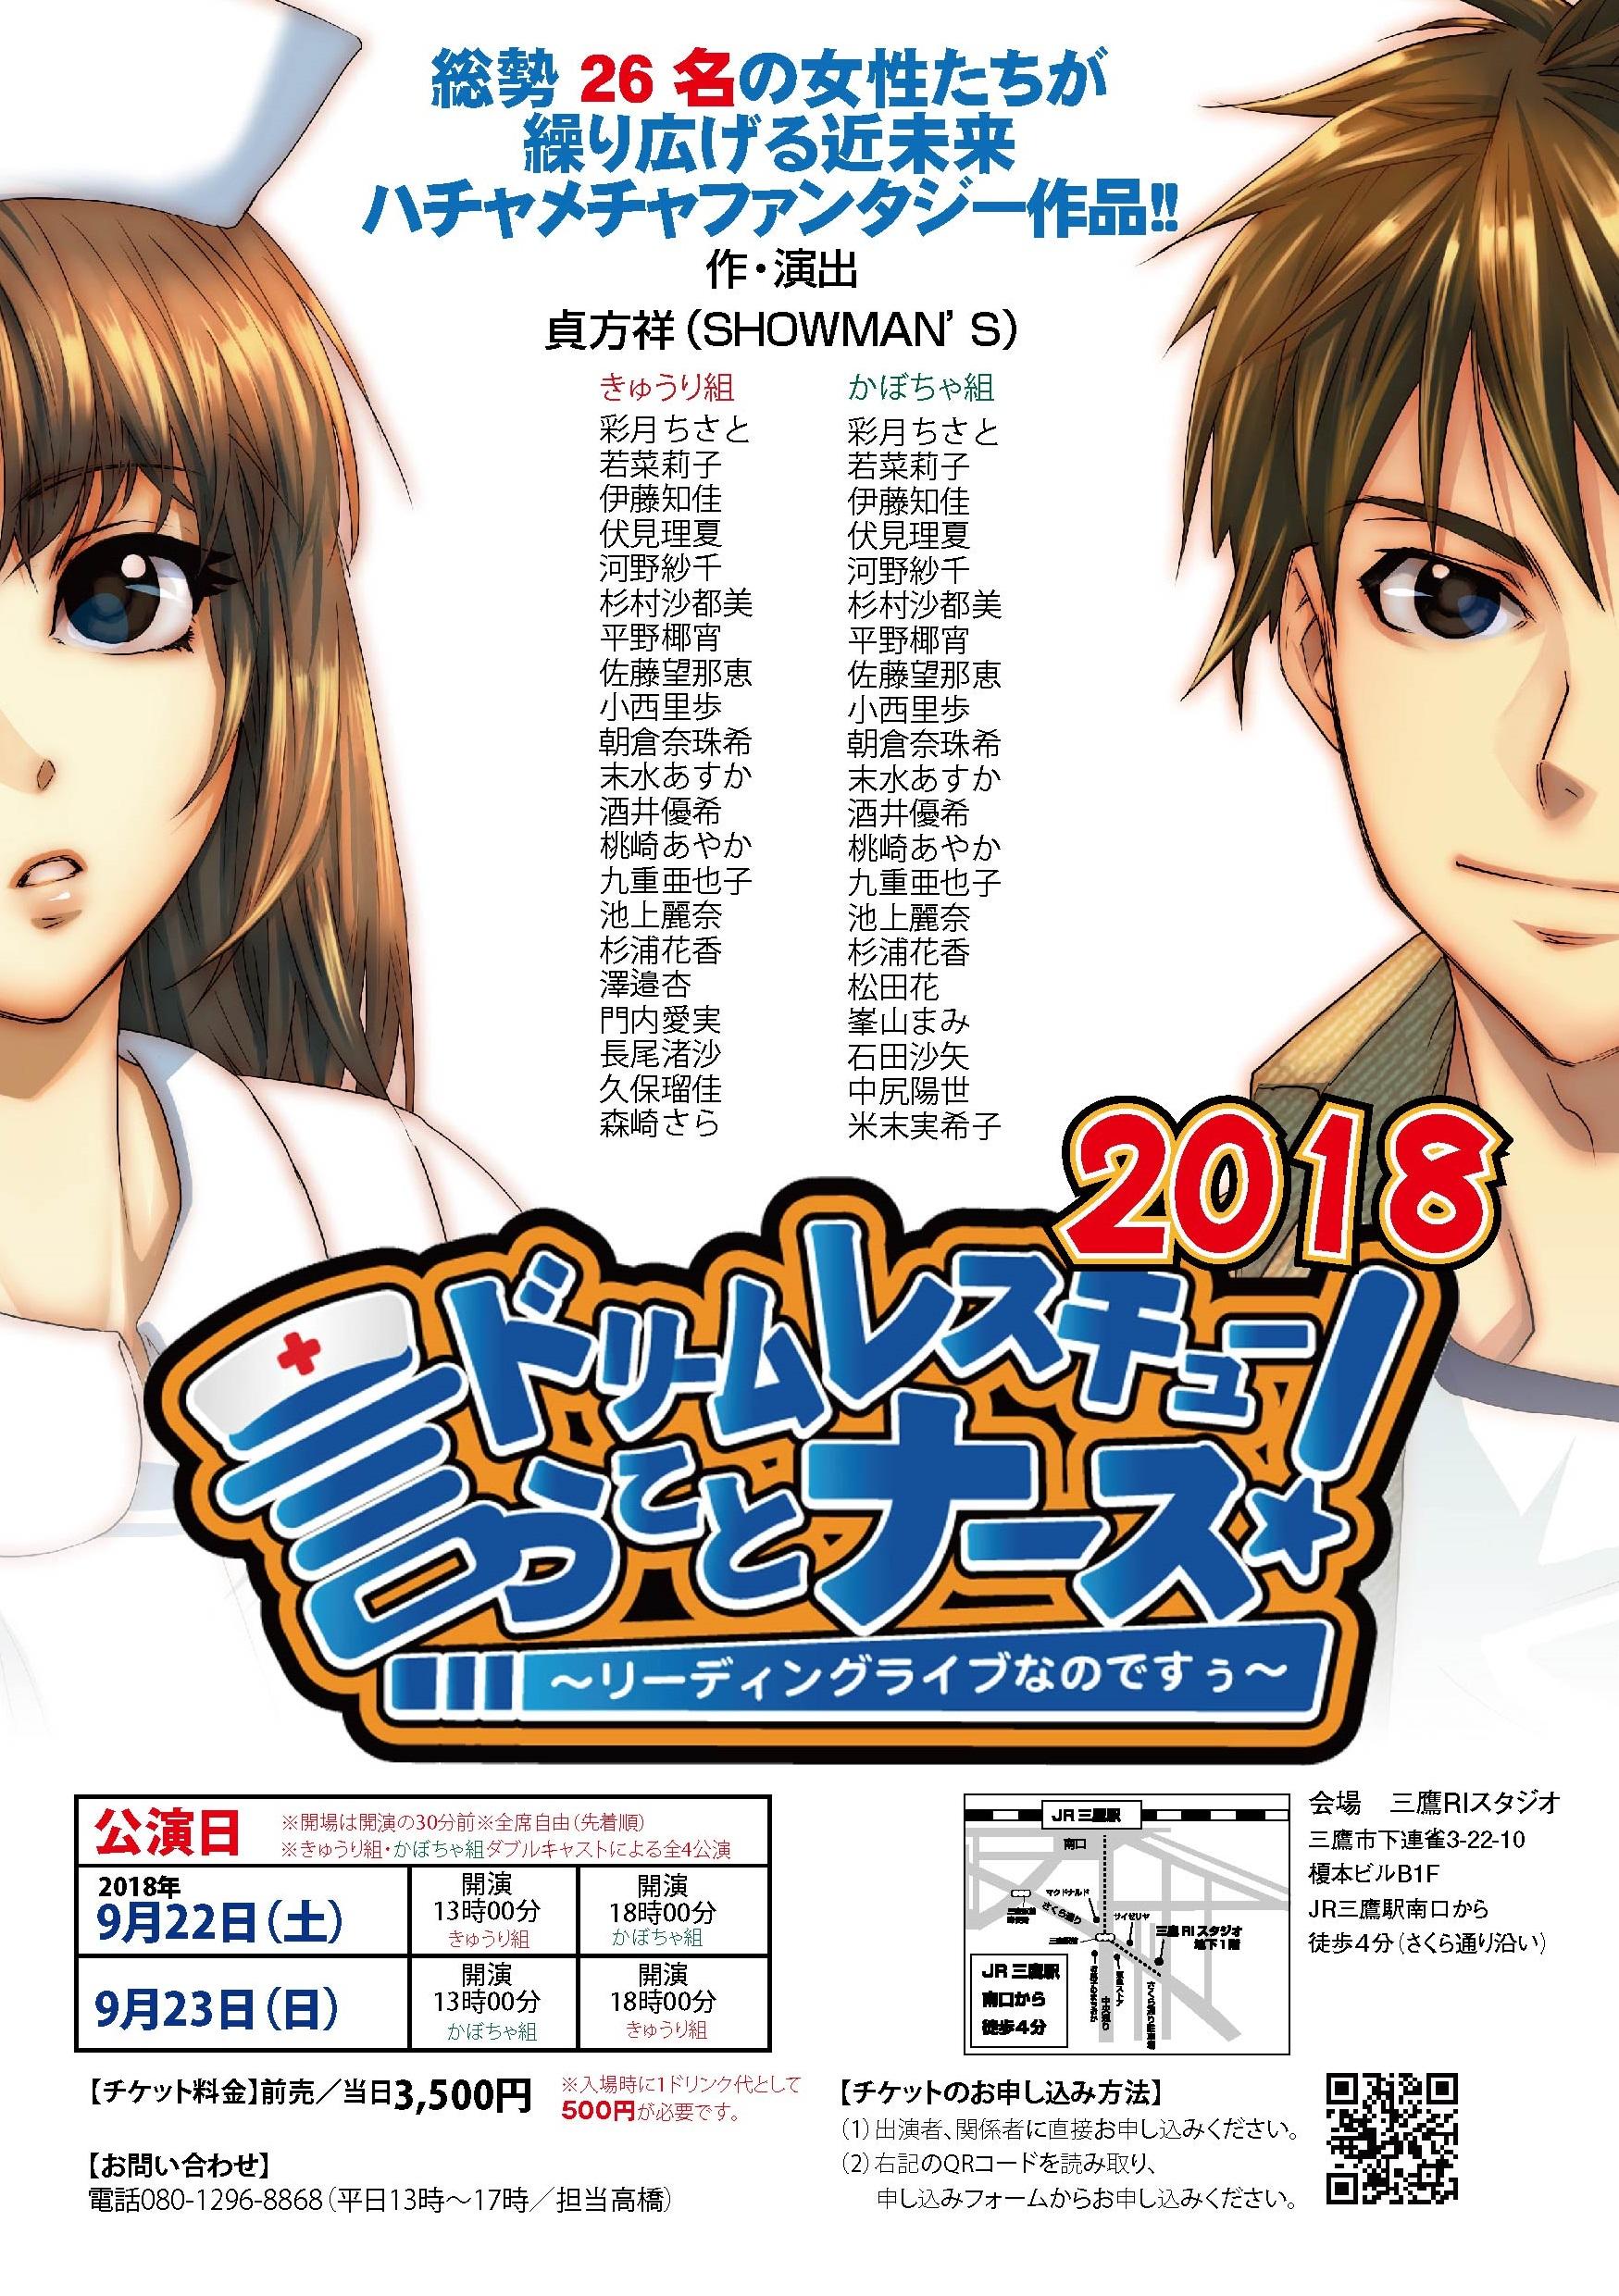 「ドリームレスキュー・言うことナース!2018」 【公演日9月22日(土) 23日(日)】